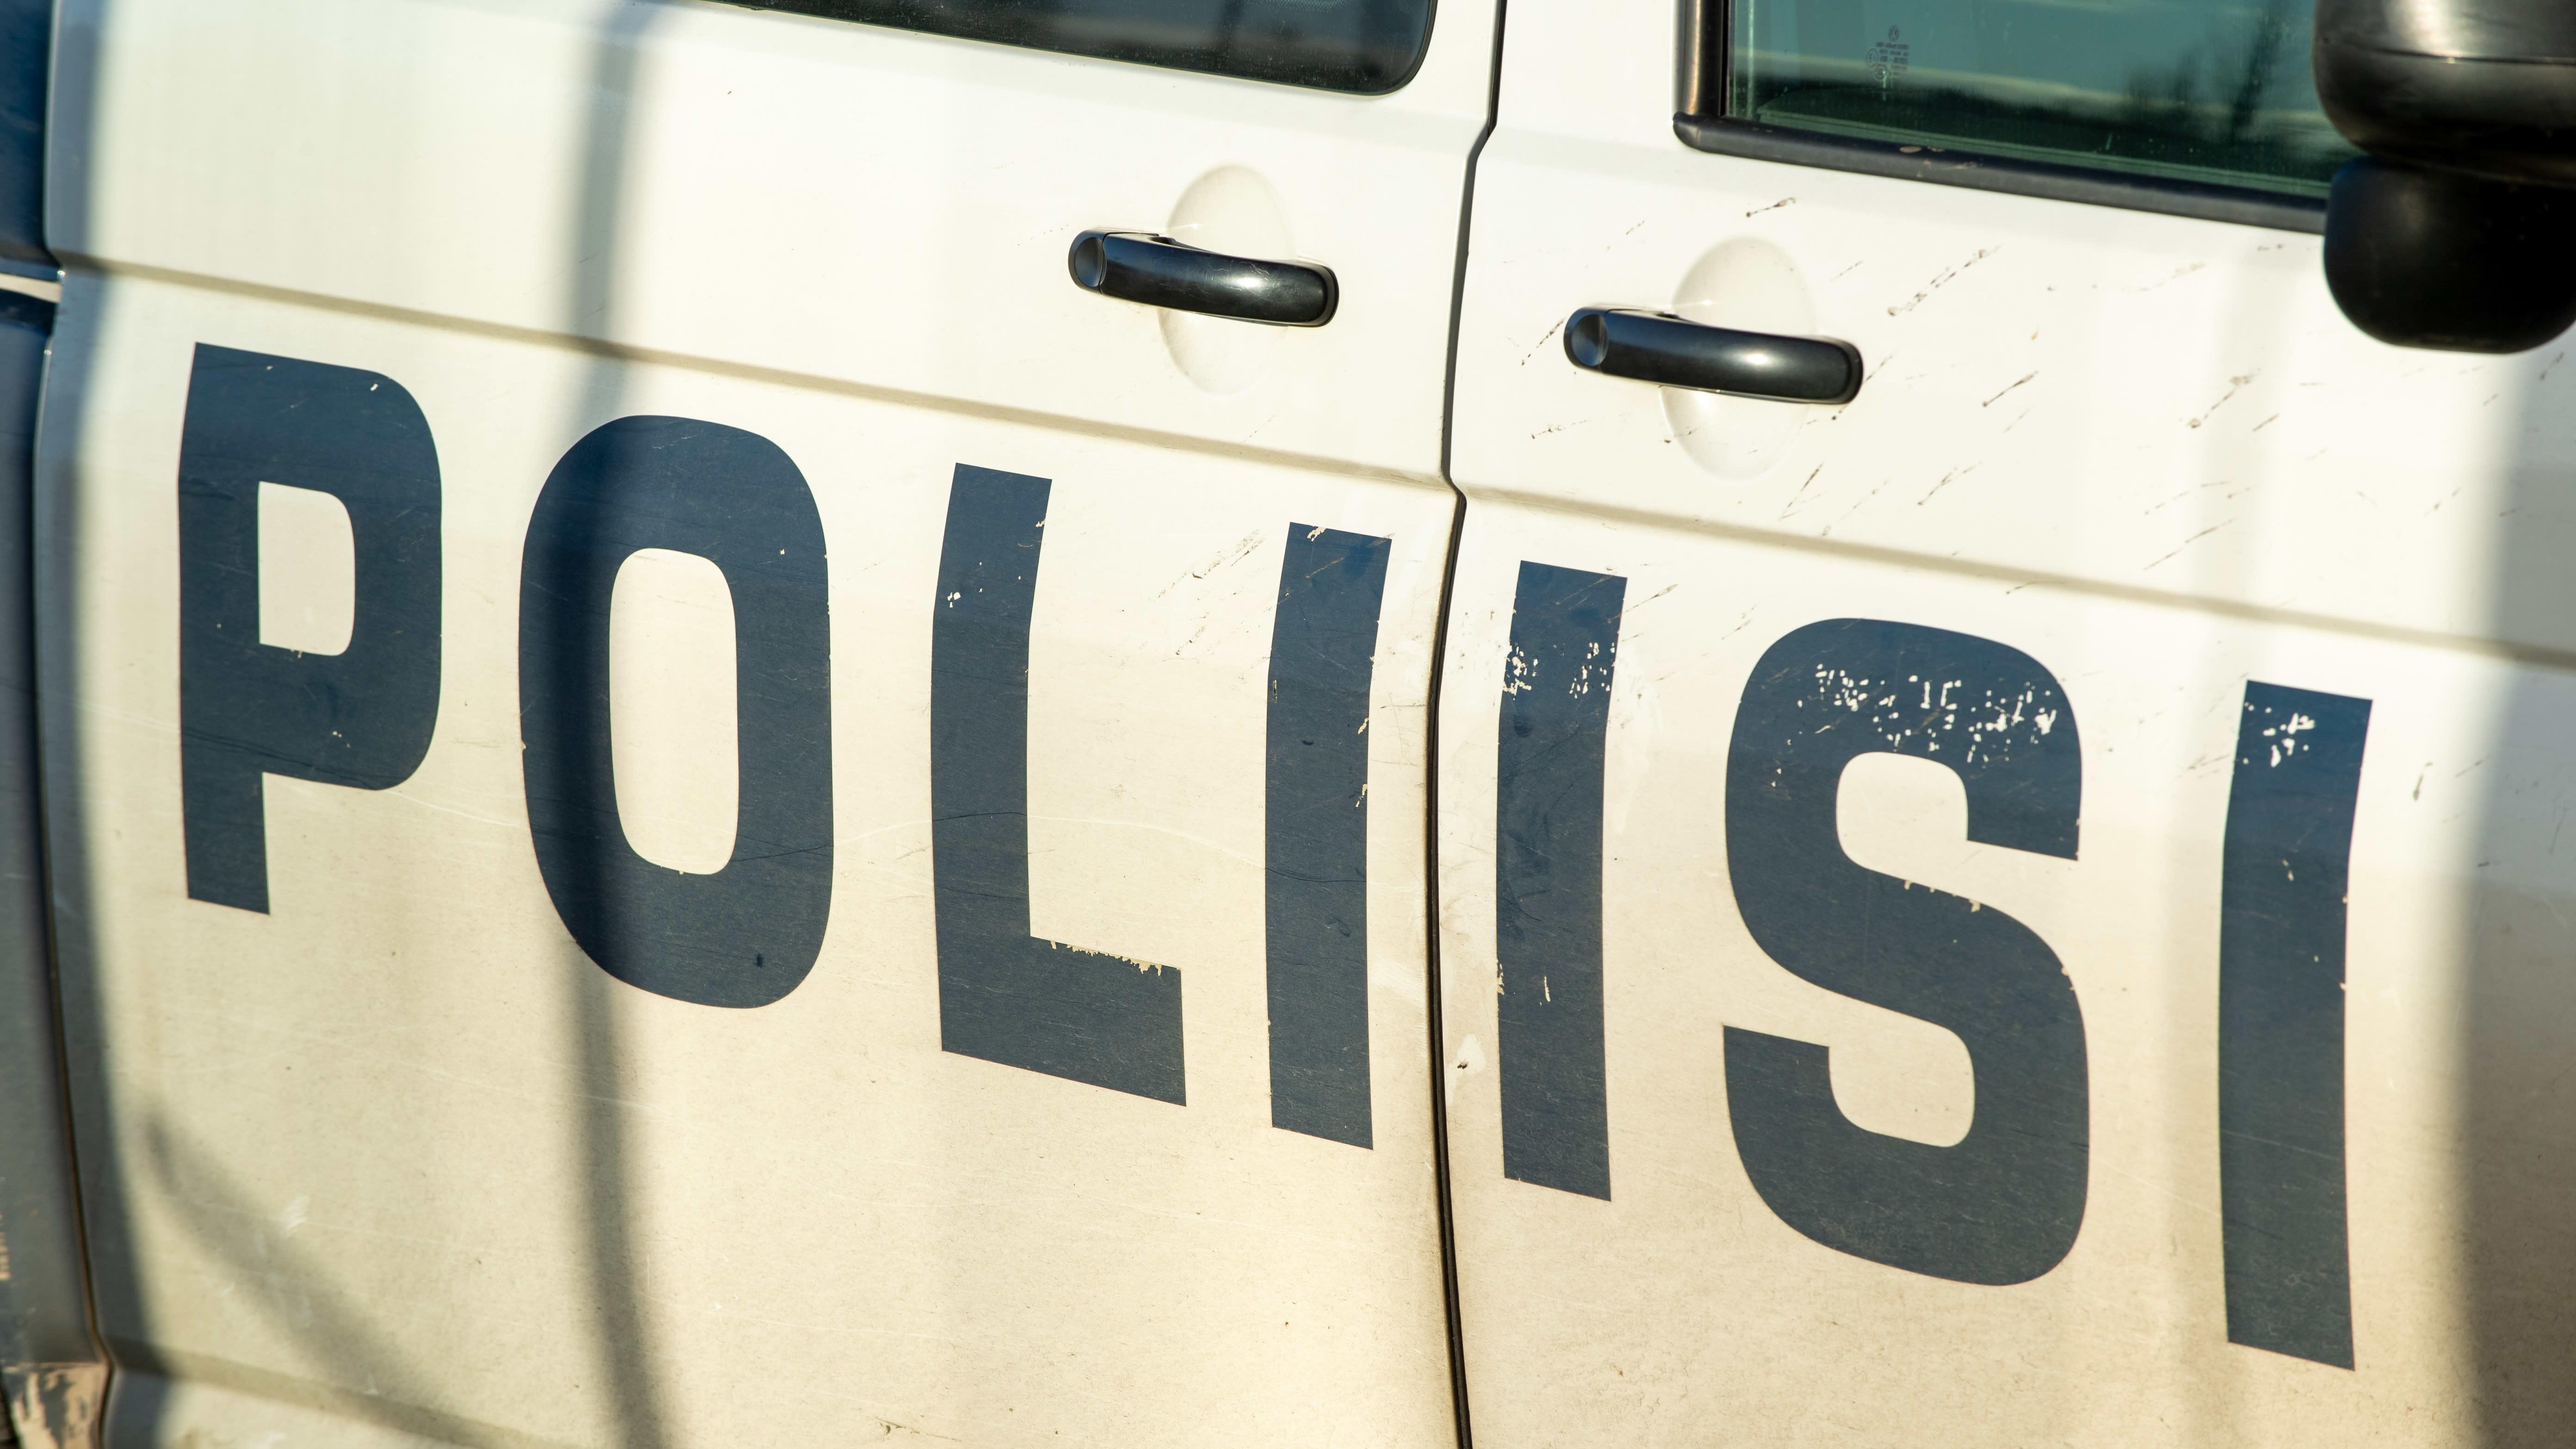 Teksti poliisiauton kyljessä